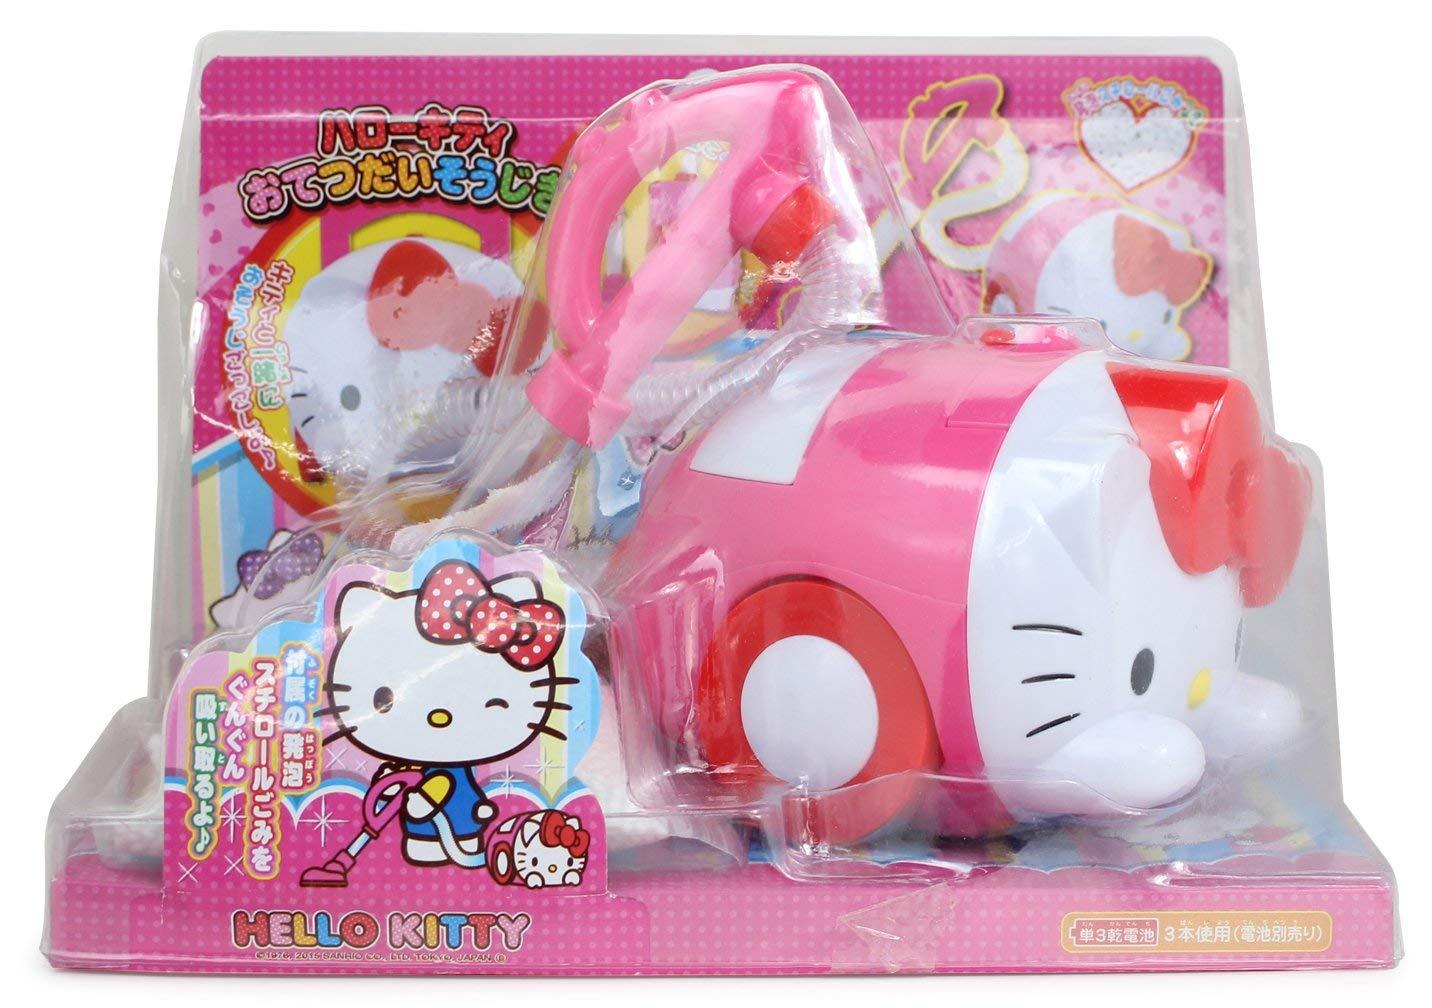 尾上萬(ONOEMAN) Hello Kitty You tetudai Oh Pauper